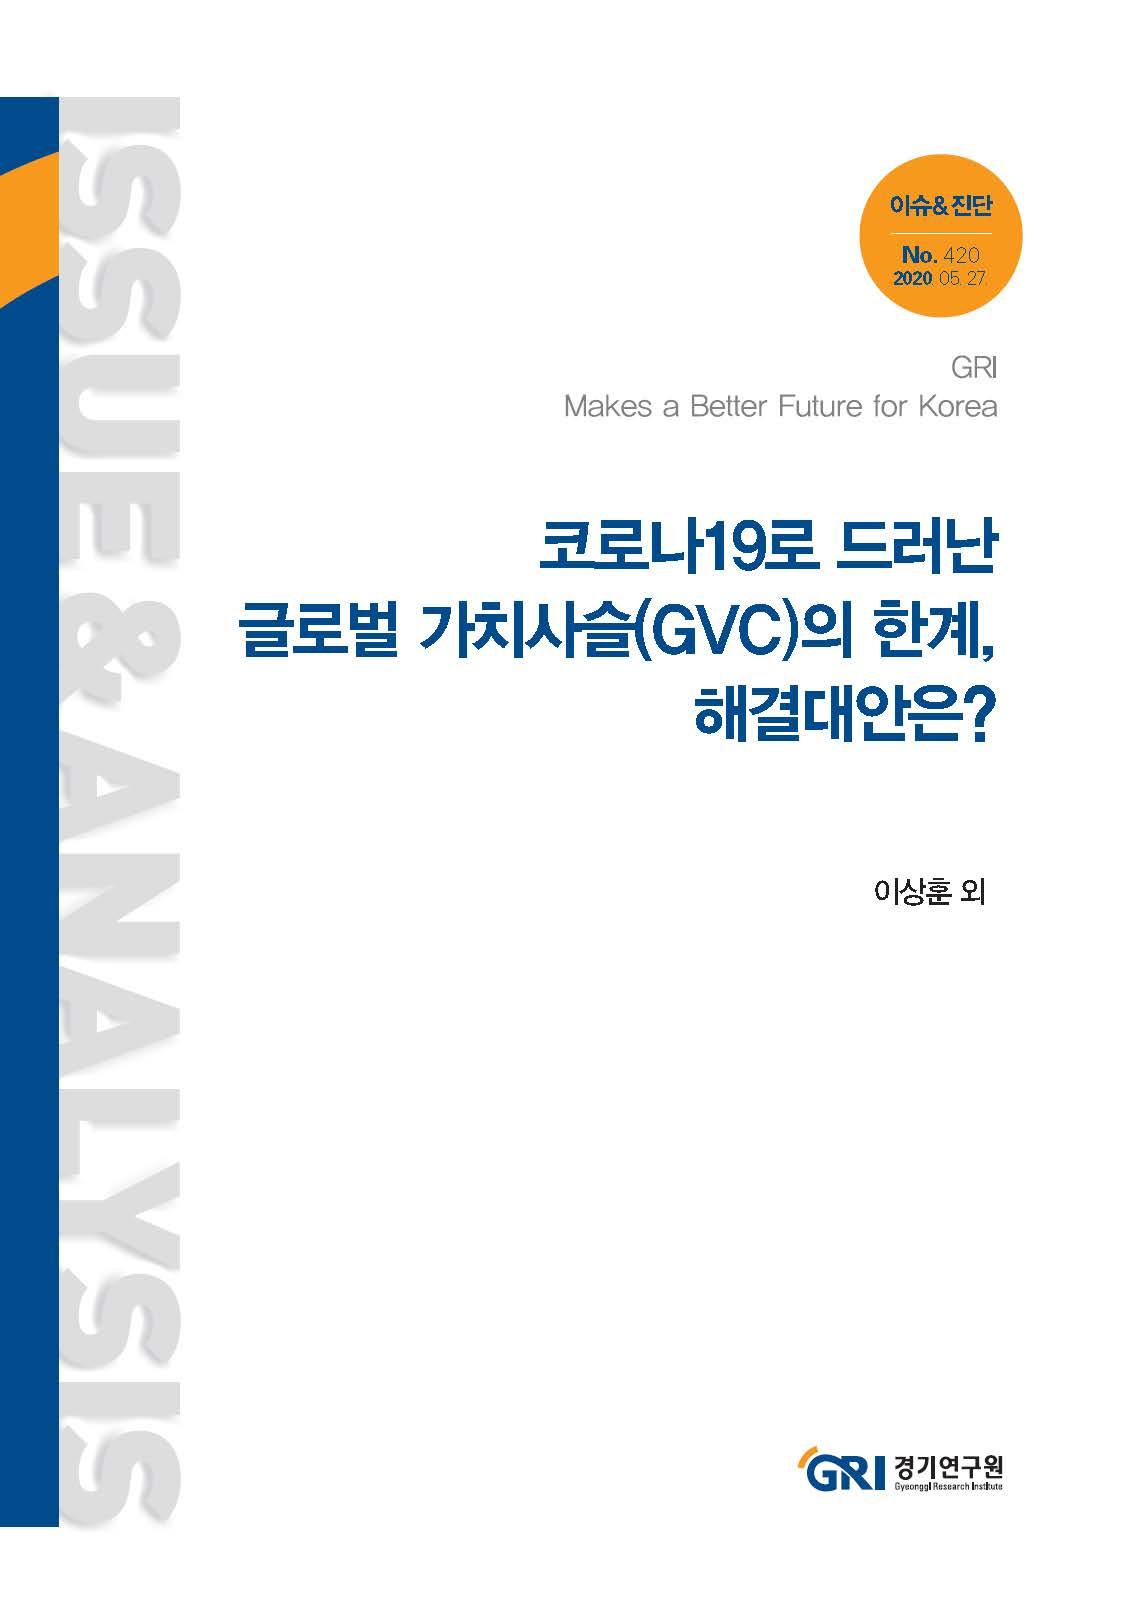 코로나19로 드러난 글로벌 가치사슬(GVC)의 한계, 해결대안은?